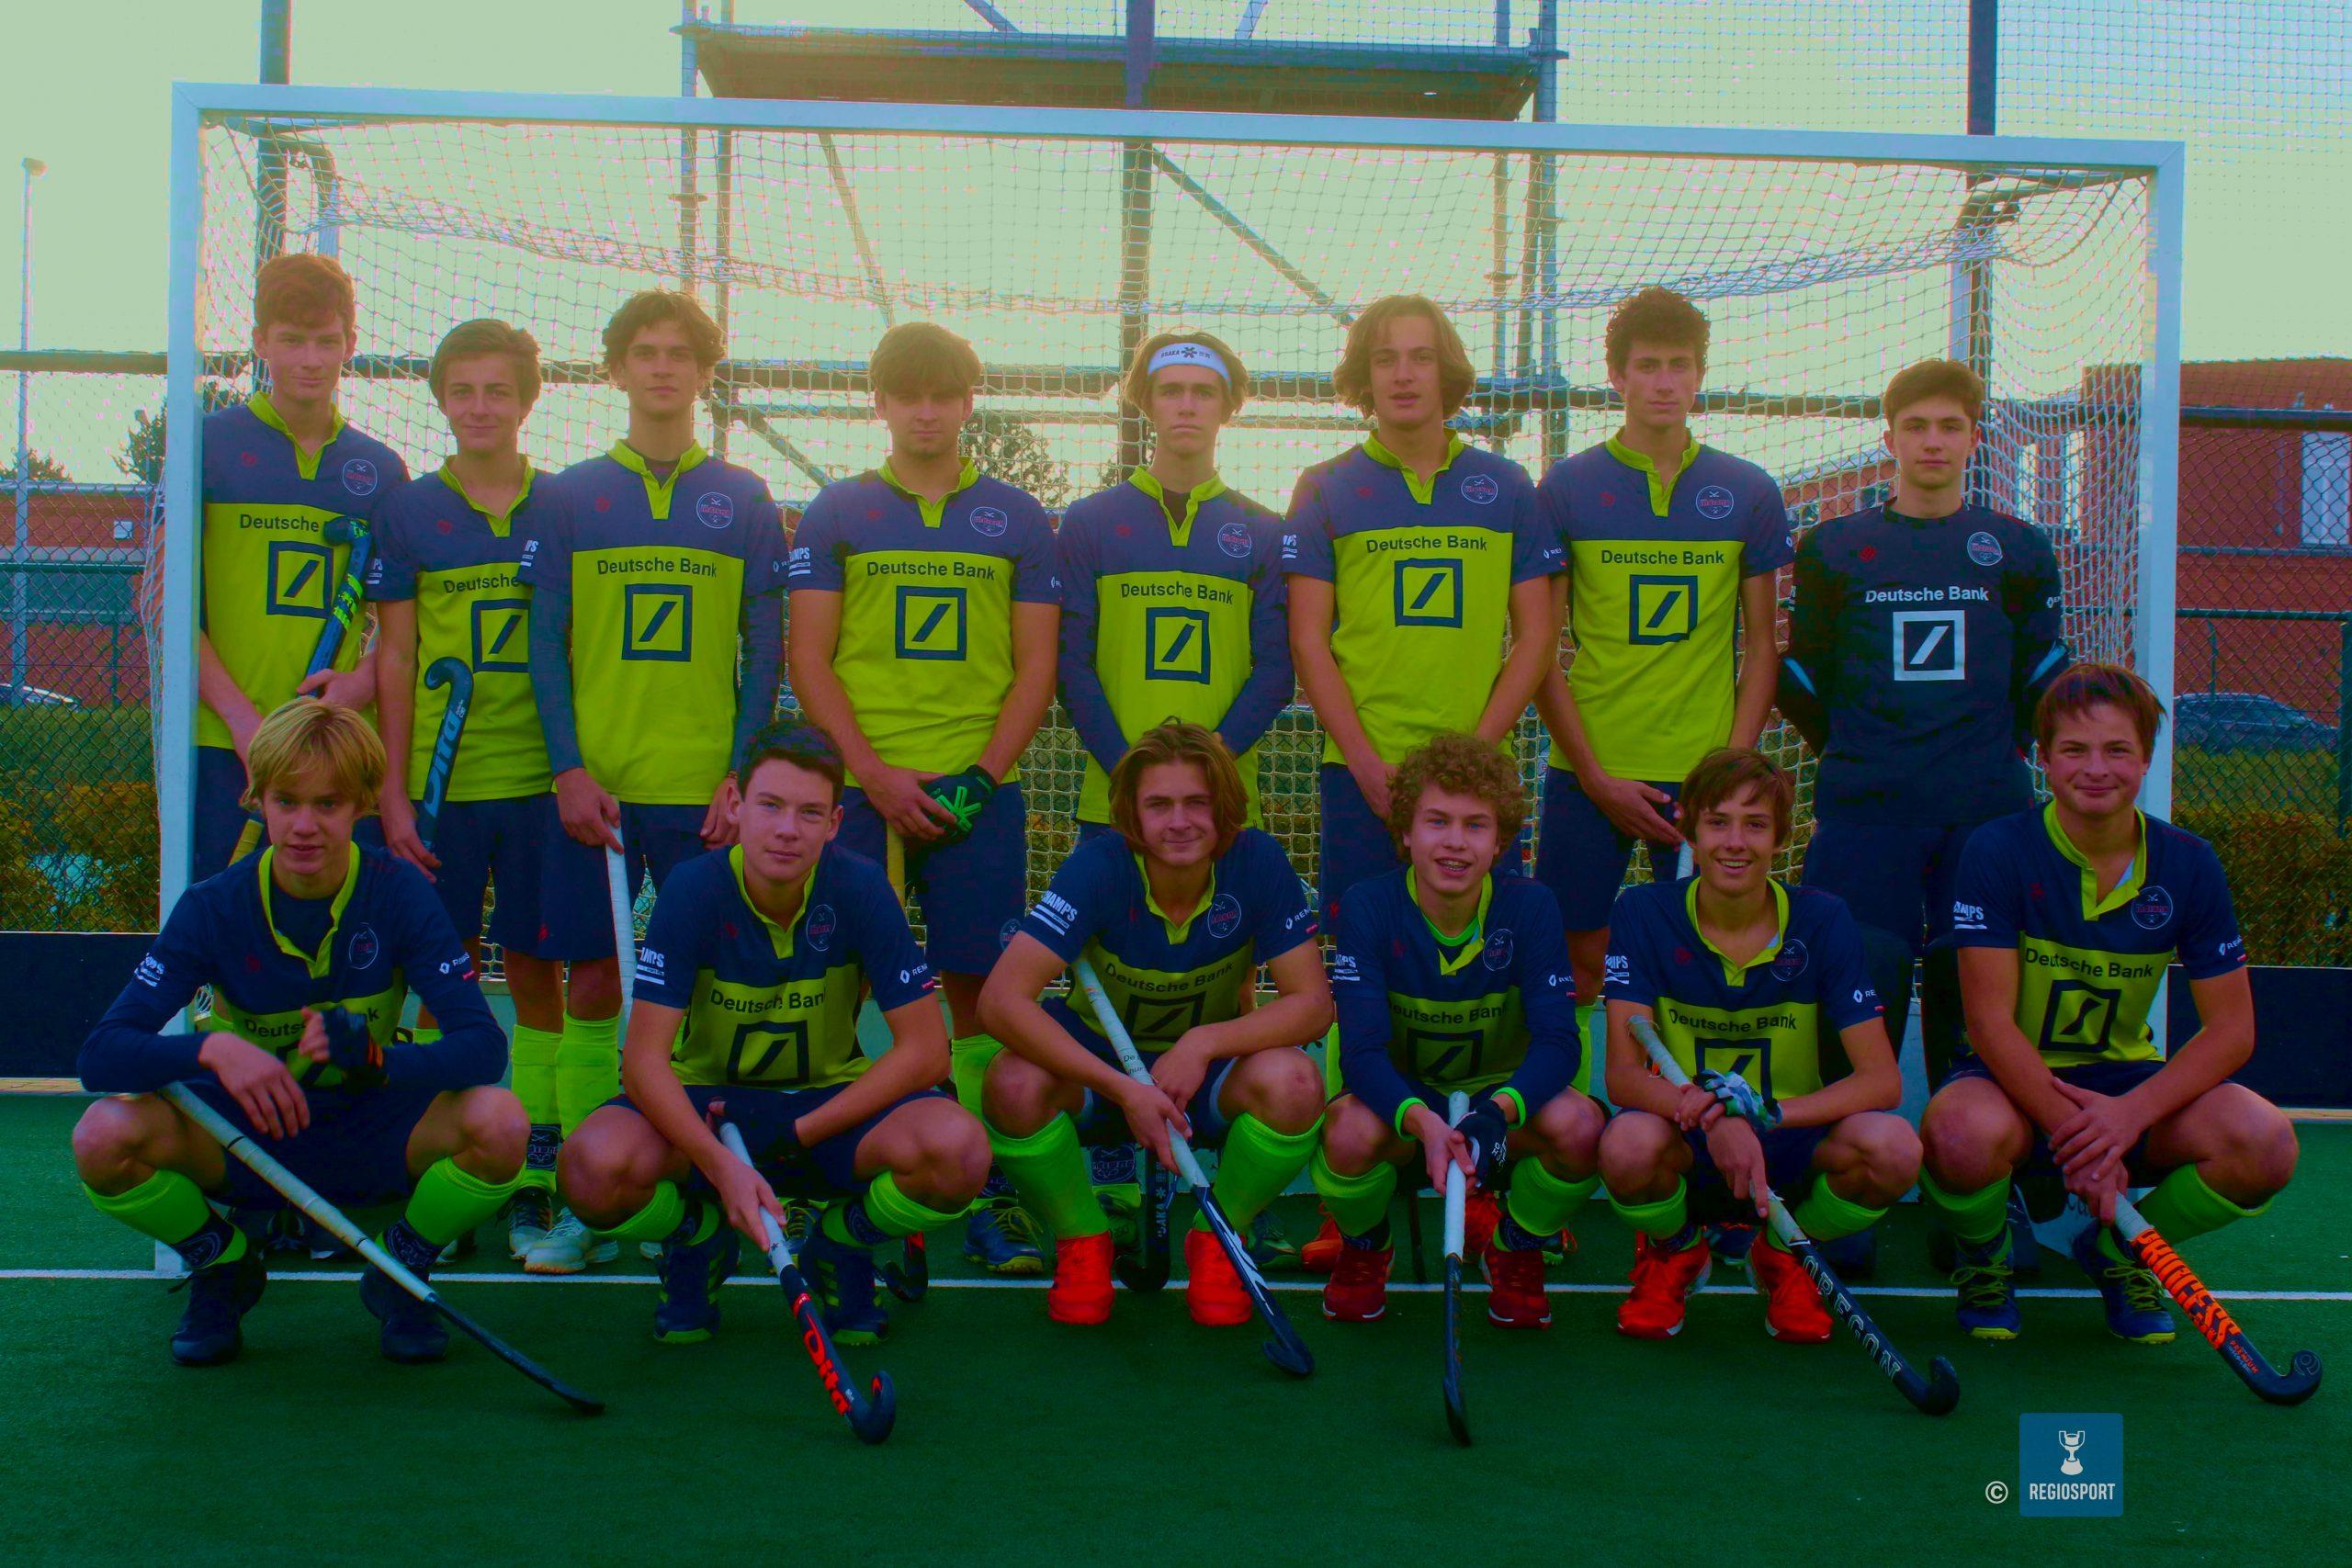 U19 boys Indiana De Pinte bevolken de middenmoot